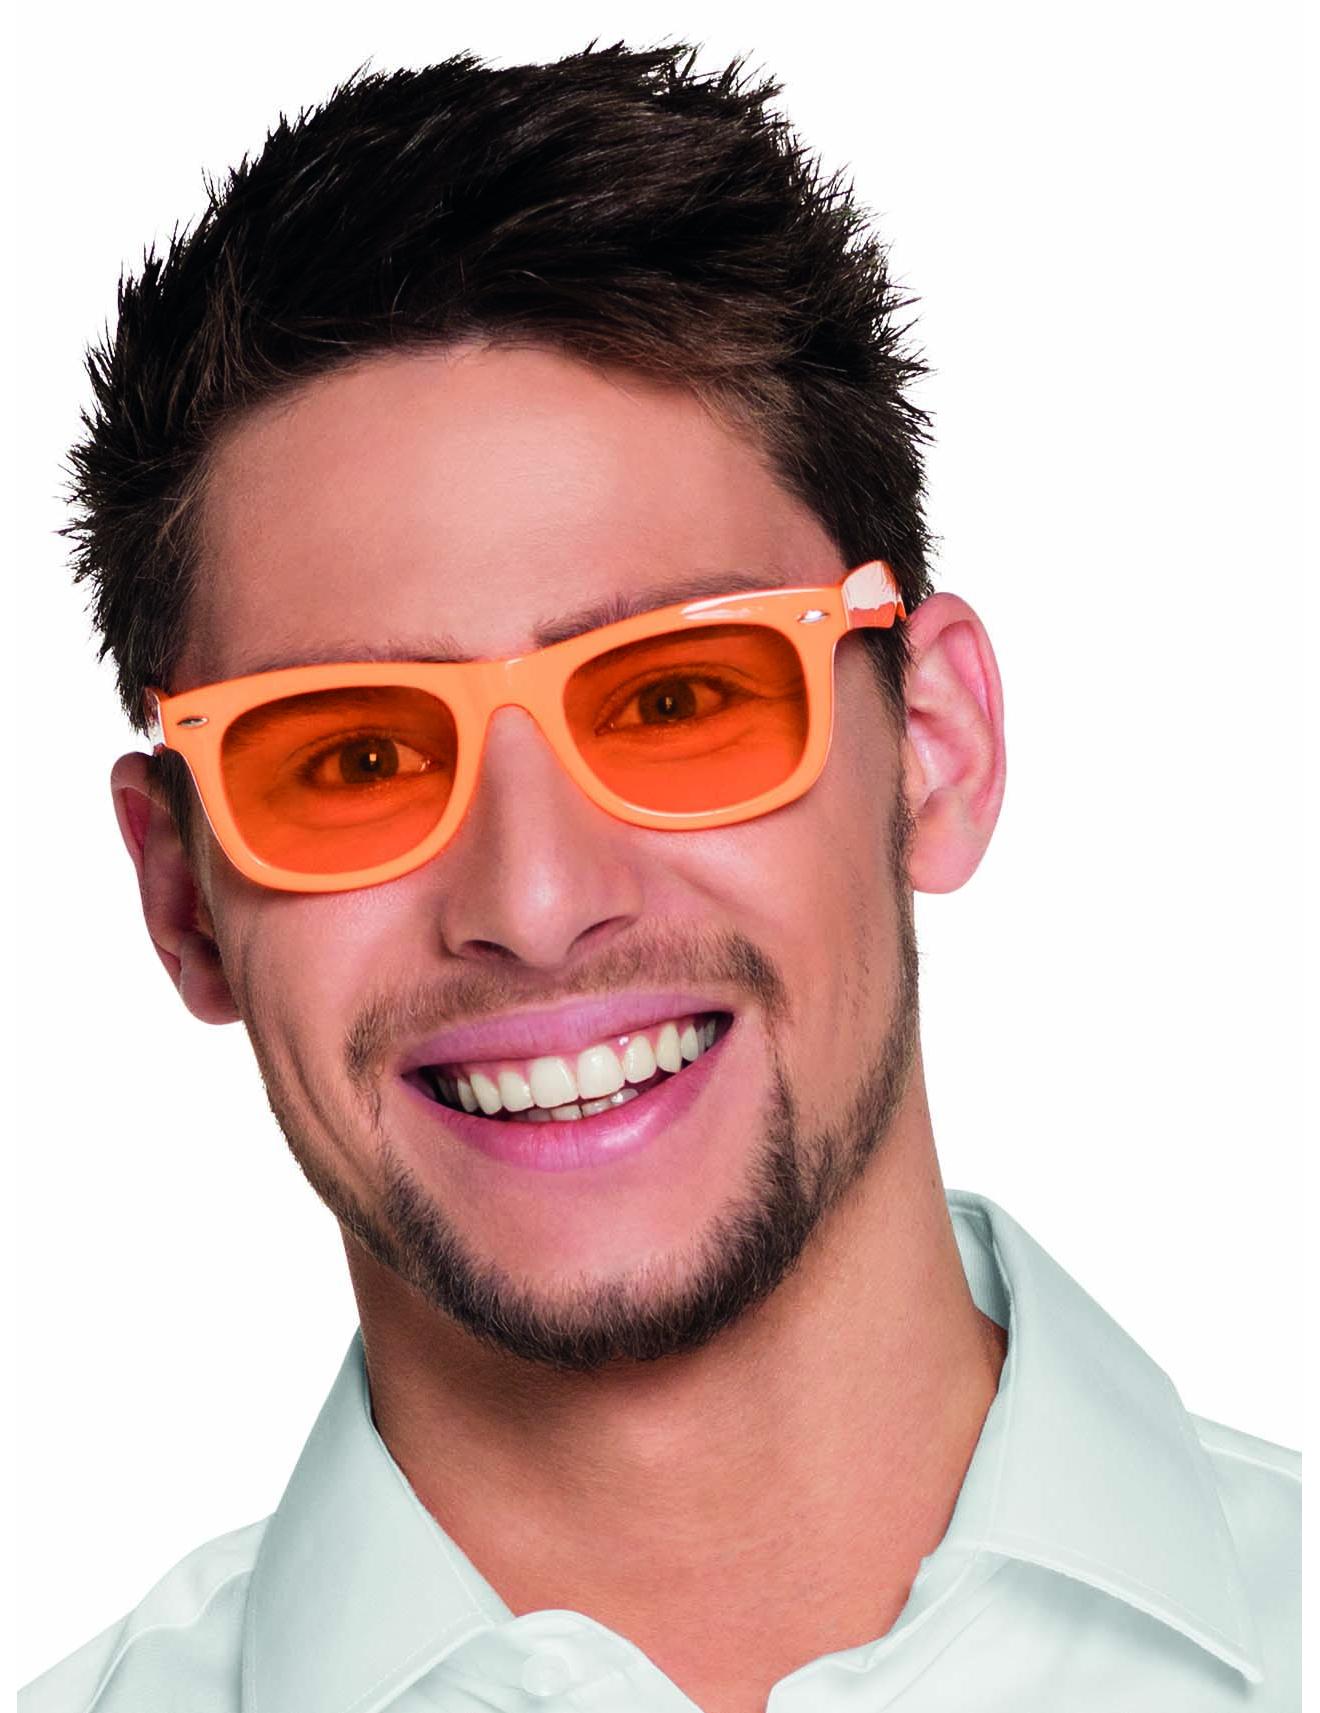 50er jahre party brille f r erwachsene orange accessoires und g nstige faschingskost me vegaoo. Black Bedroom Furniture Sets. Home Design Ideas